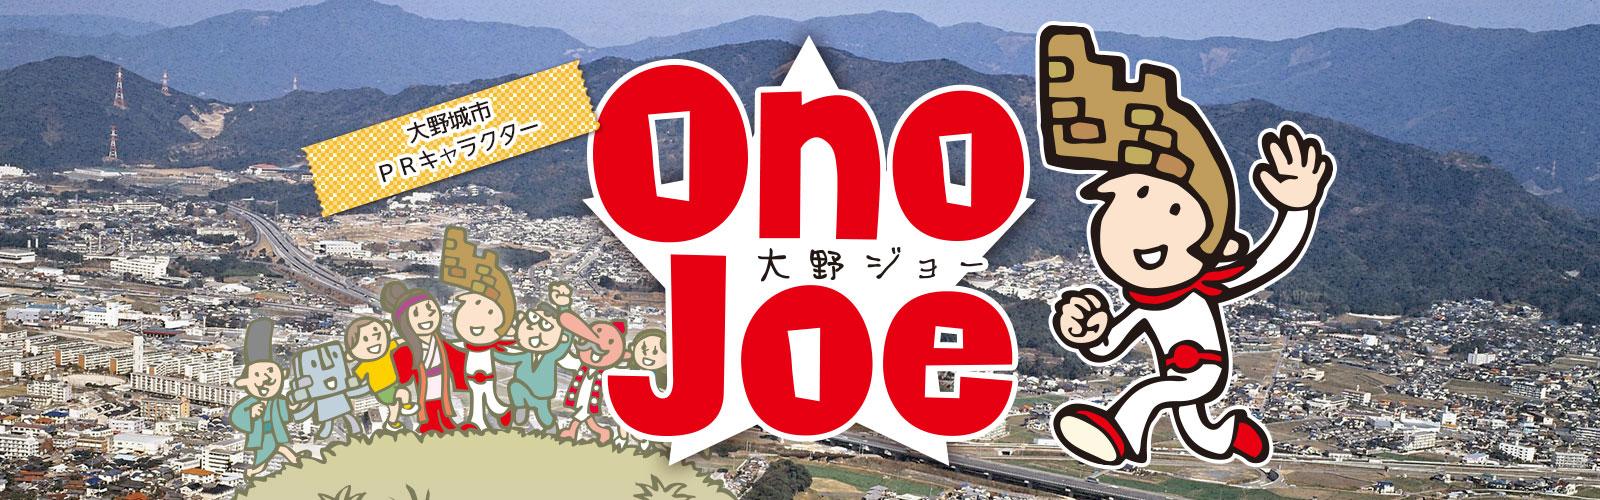 大野ジョー公式サイト